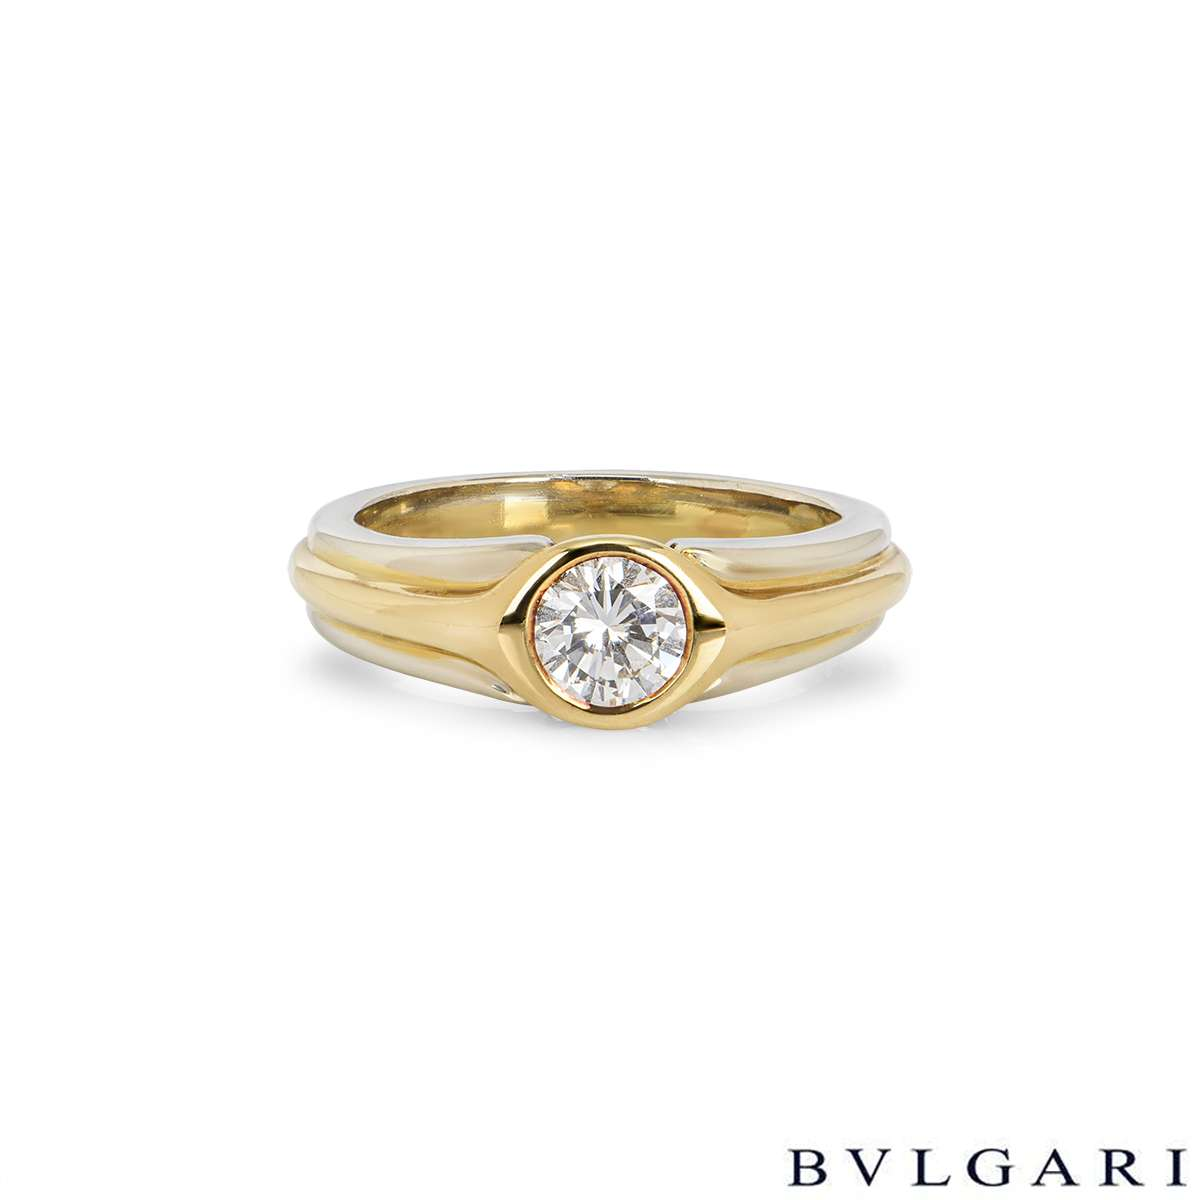 Bvlgari Diamond Ring 0.50ct H/VS2